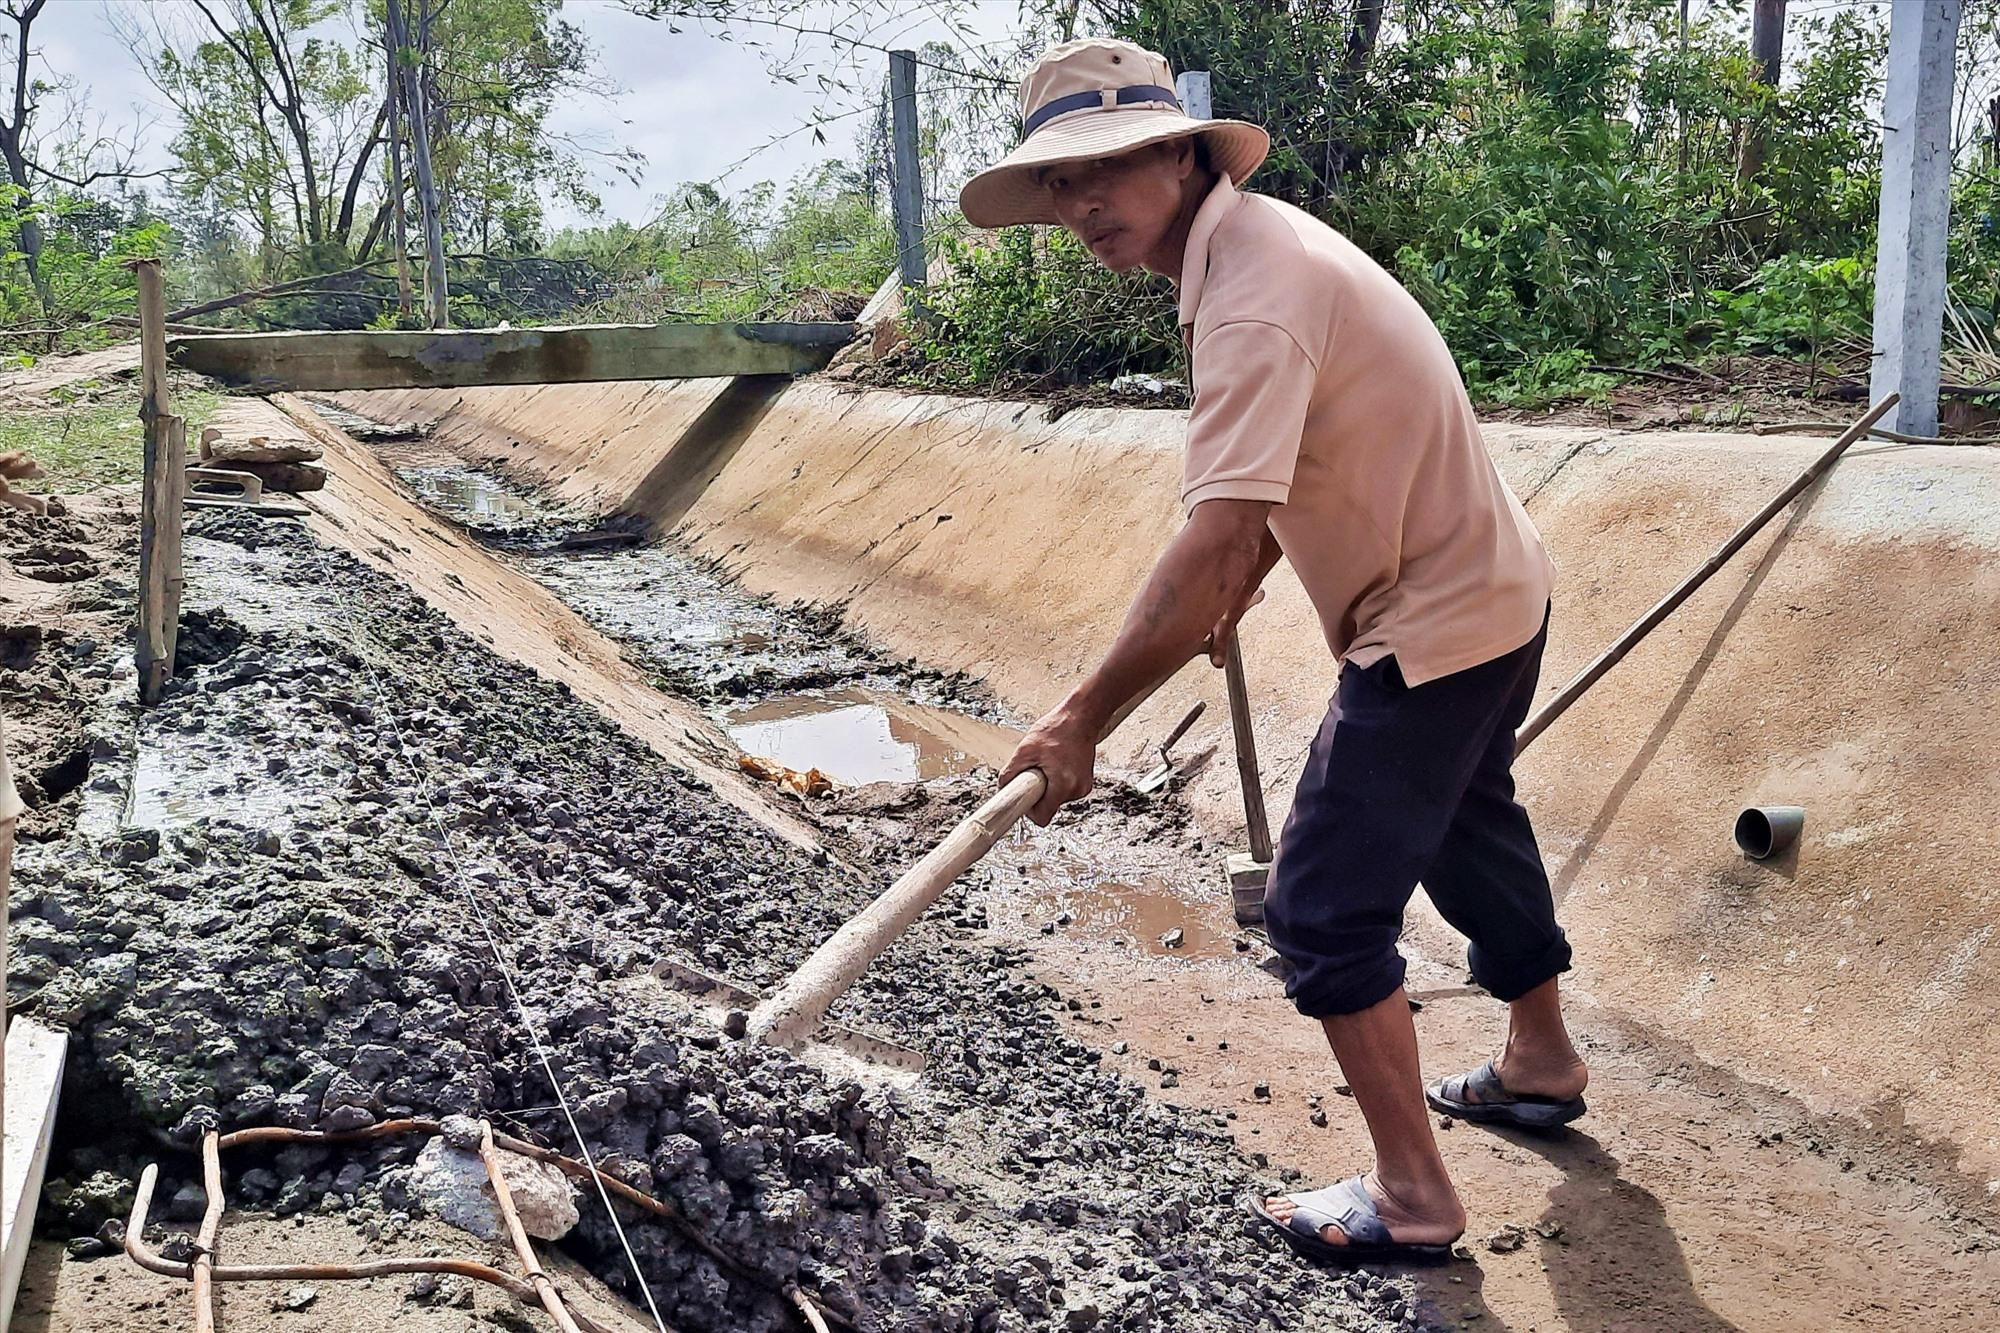 Kiên cố hóa kênh mương giúp người nông dân sản xuất hiệu quả hơn. Ảnh: H.Đ